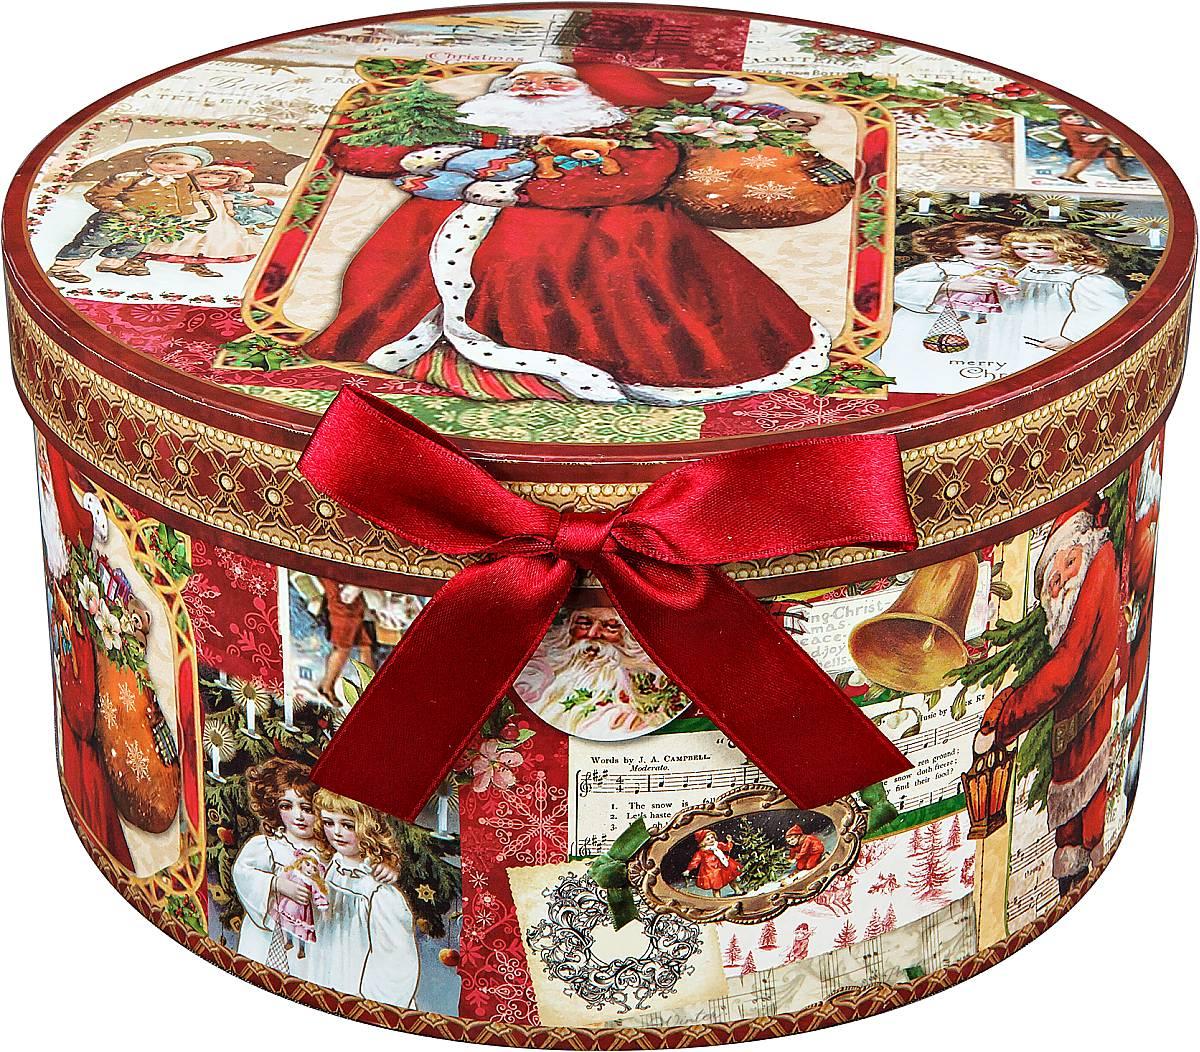 Коробка подарочная новогодняя Mister Christmas Дед Мороз и дети, круглая, 13,3 х 13,3 х 6 смBAL 93Круглая картонная коробка Mister Christmas Дед Мороз и дети - это один из самых распространенных вариантов упаковки подарков. Любой, даже самый нестандартный подарок упакованный в такую коробку, создаст момент легкой интриги, а плотный картон сохранит содержимое в первоначальном виде. Оригинальный дизайн самой коробки будет долго напоминать владельцу о трогательных моментах получения подарка.